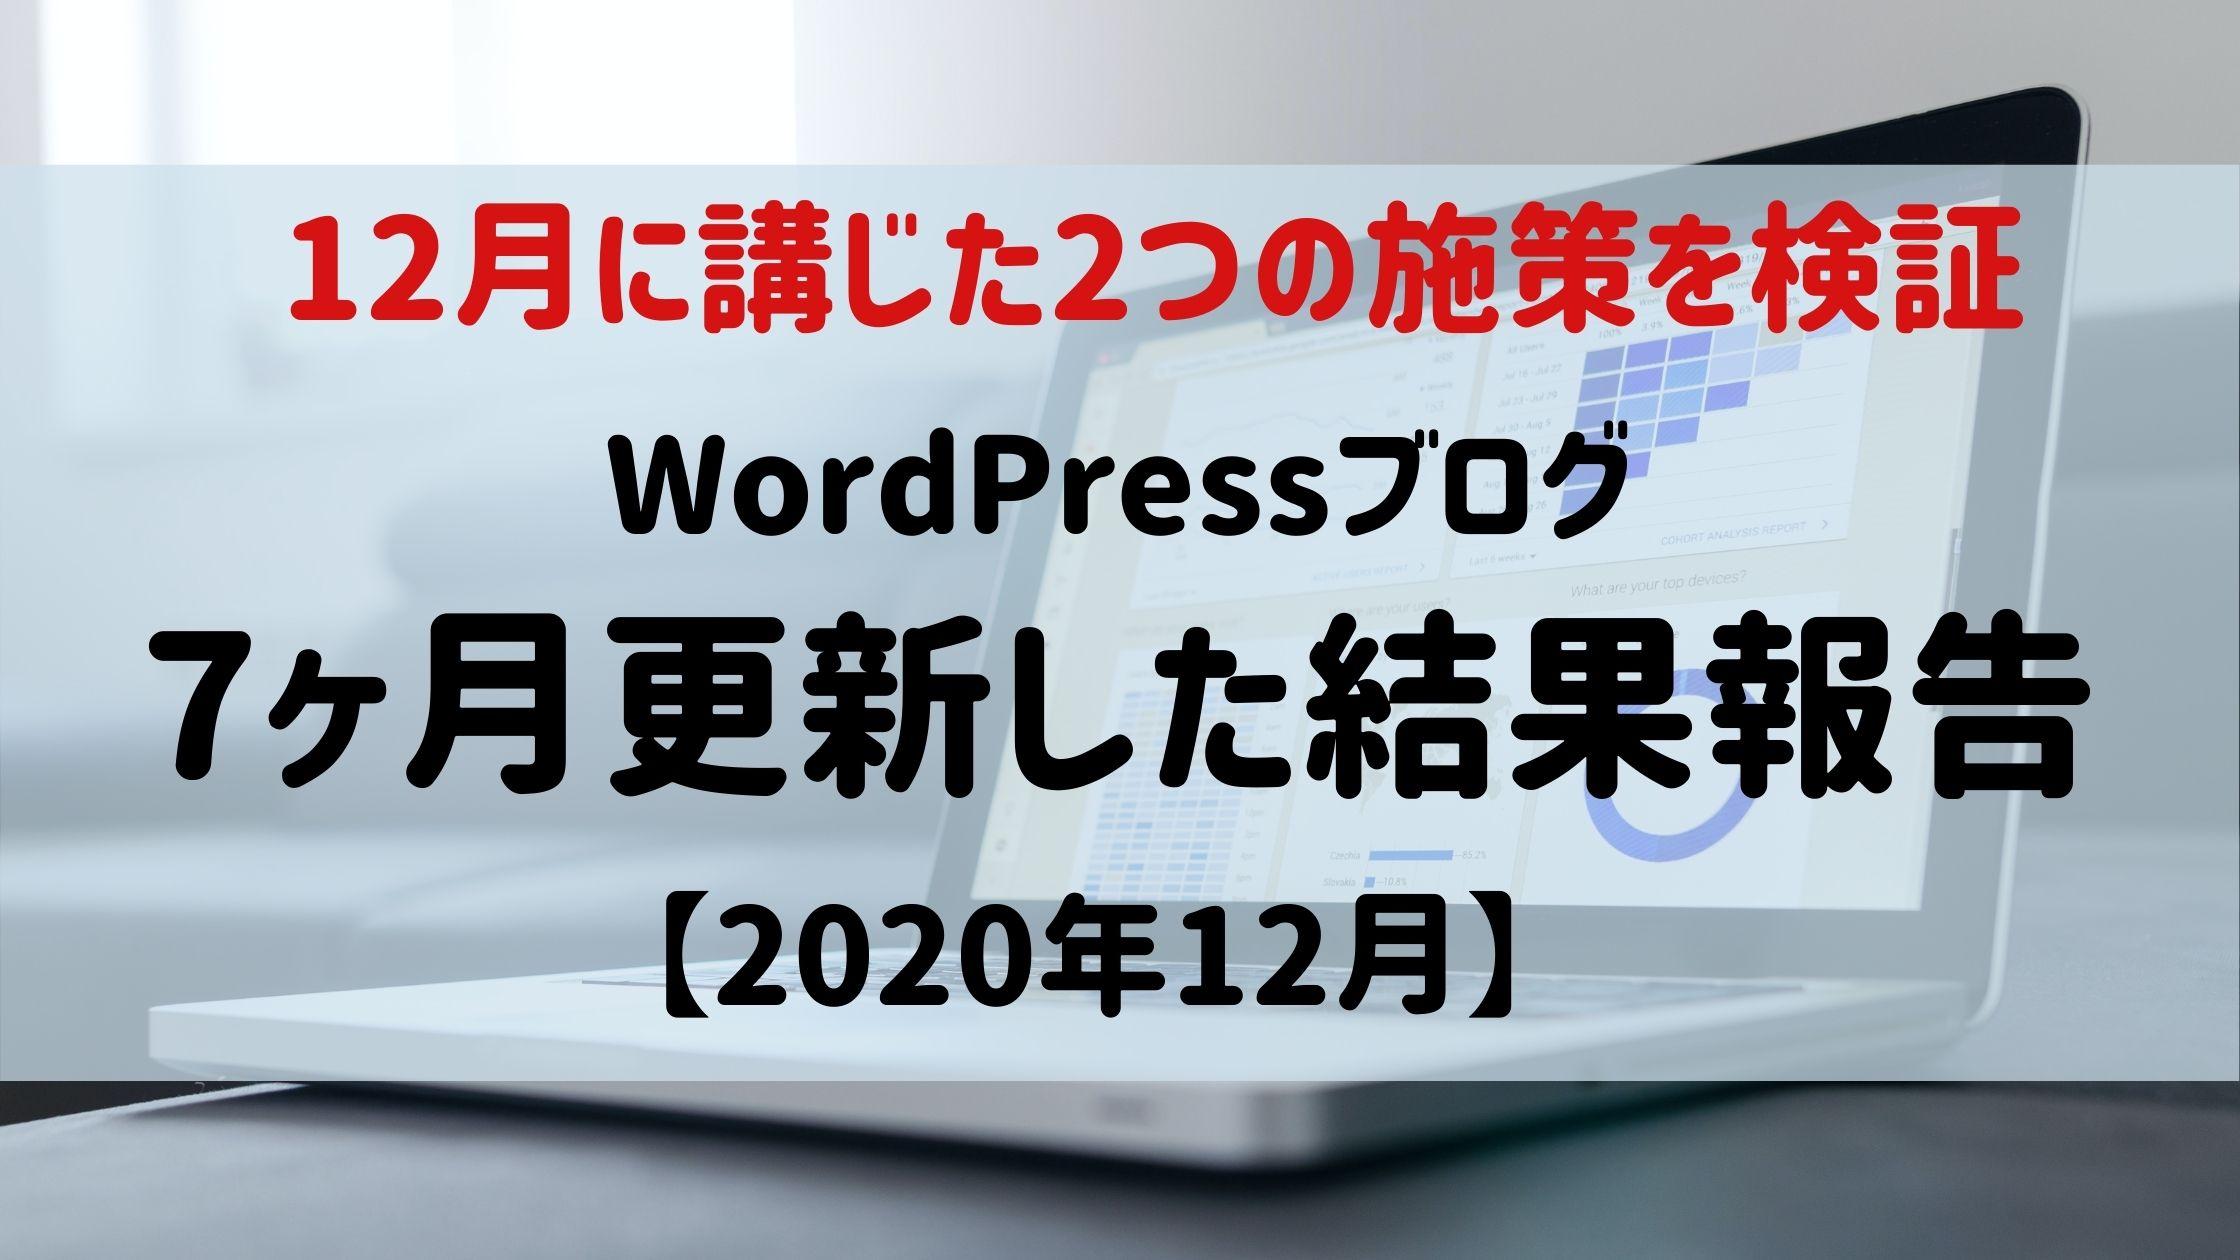 7ヶ月 WordPress ブログ運営 結果報告 アナリティクス